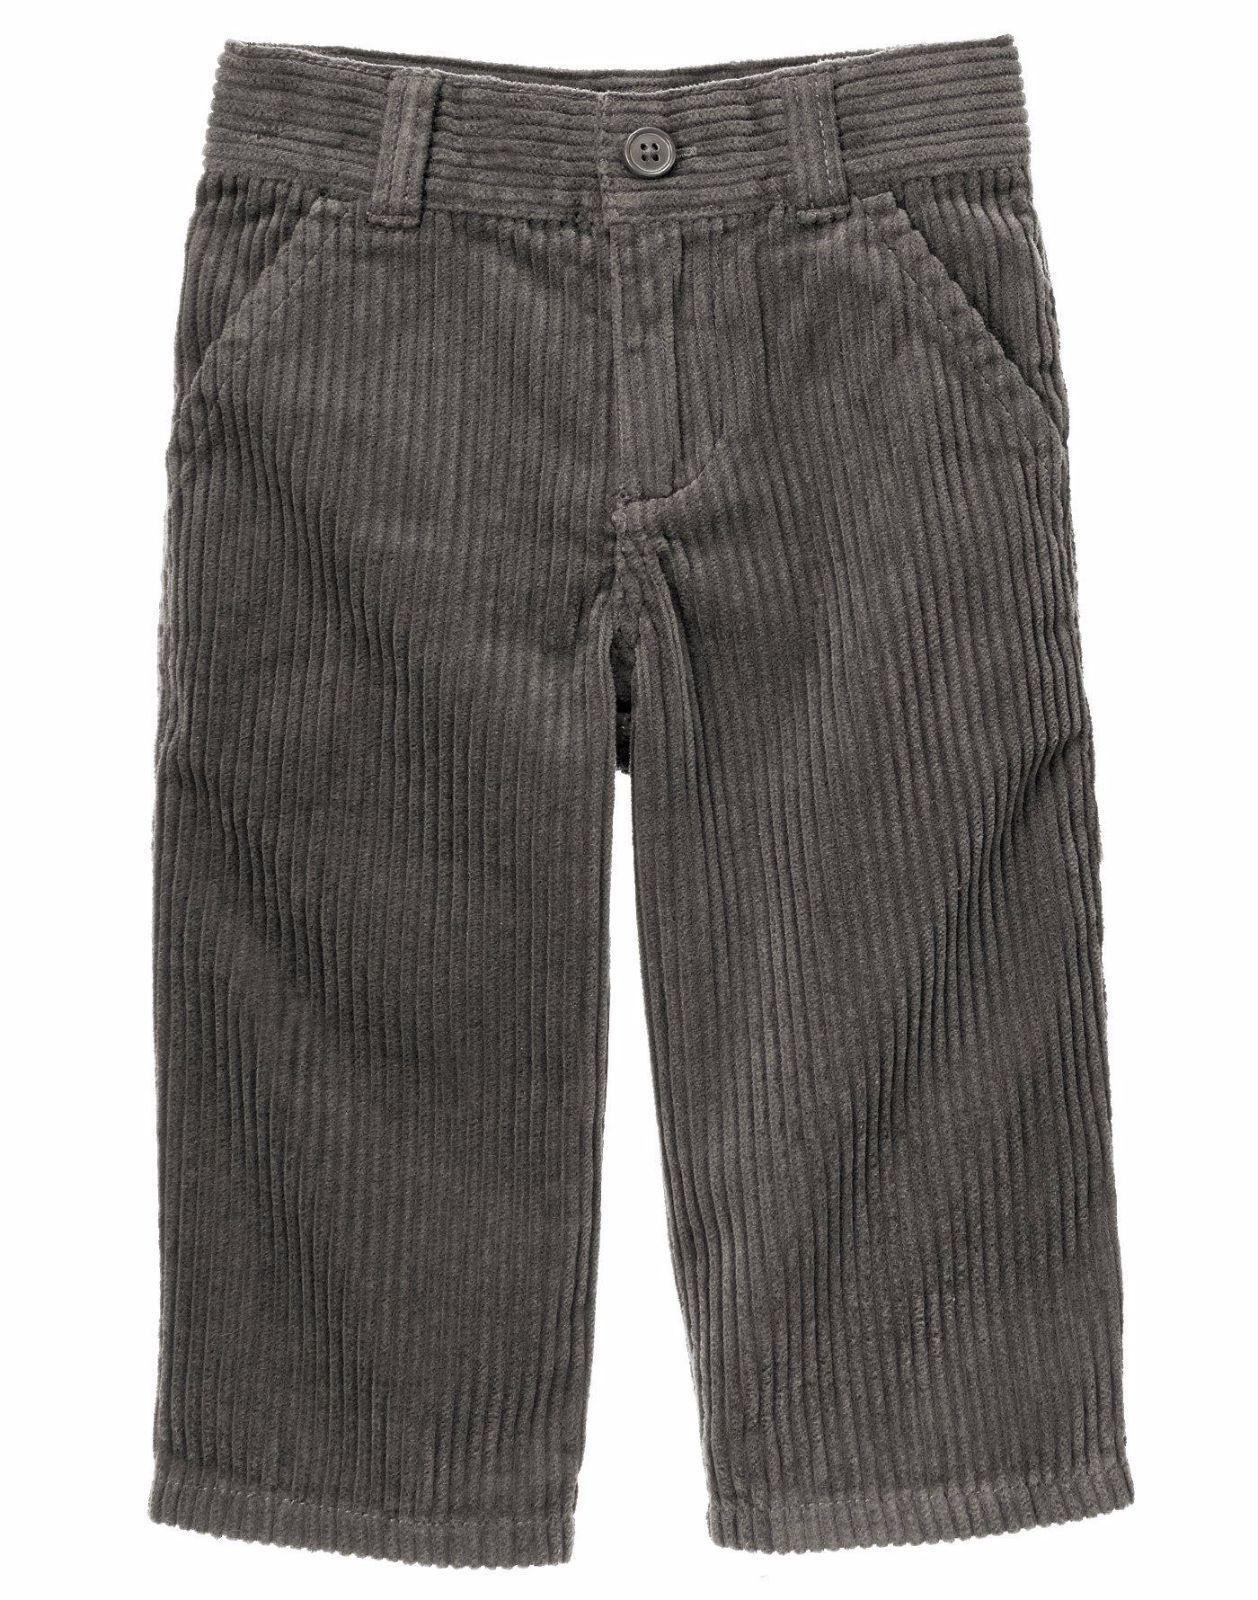 NWT Gymboree Boy shorts Pull on Shorts Cargo 4,7